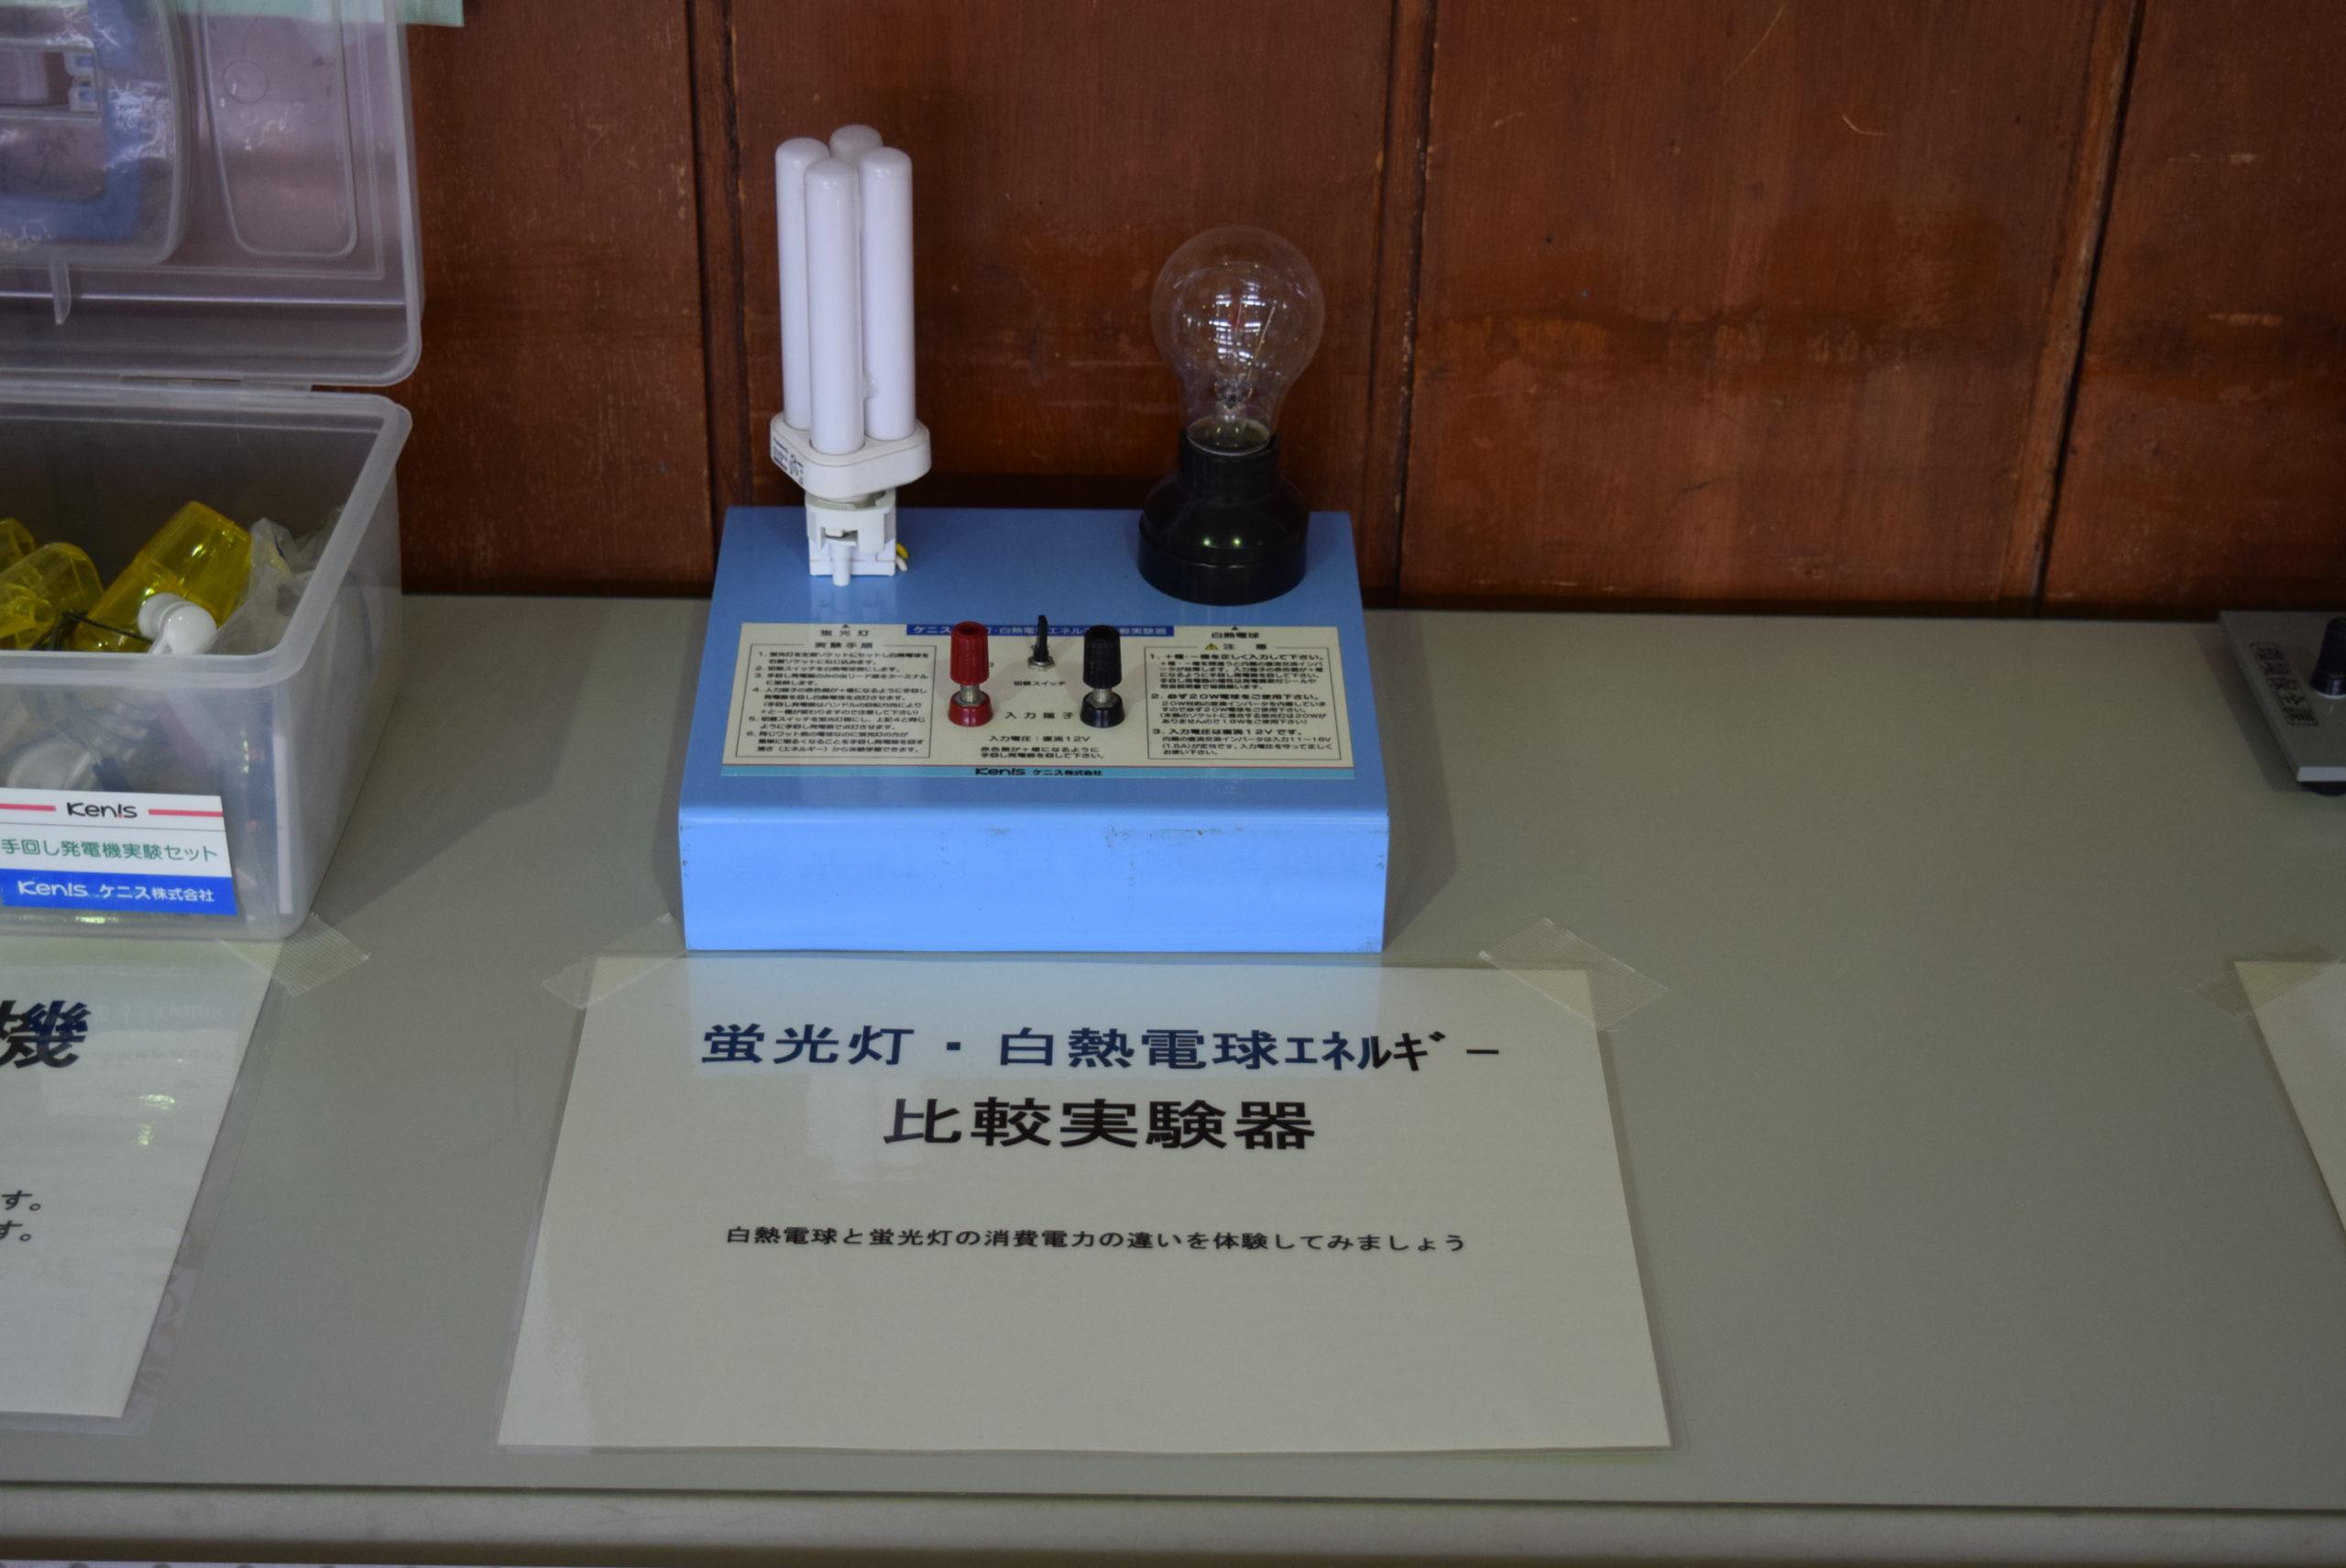 蛍光灯・白熱電球エネルギー比較実験器:蛍光灯と白熱電球を、手回し発電機を使って点灯させます。その時に消費するエネルギーの違いを、手回し発電機を回すときの負荷(回しにくさ)で体感することができます。